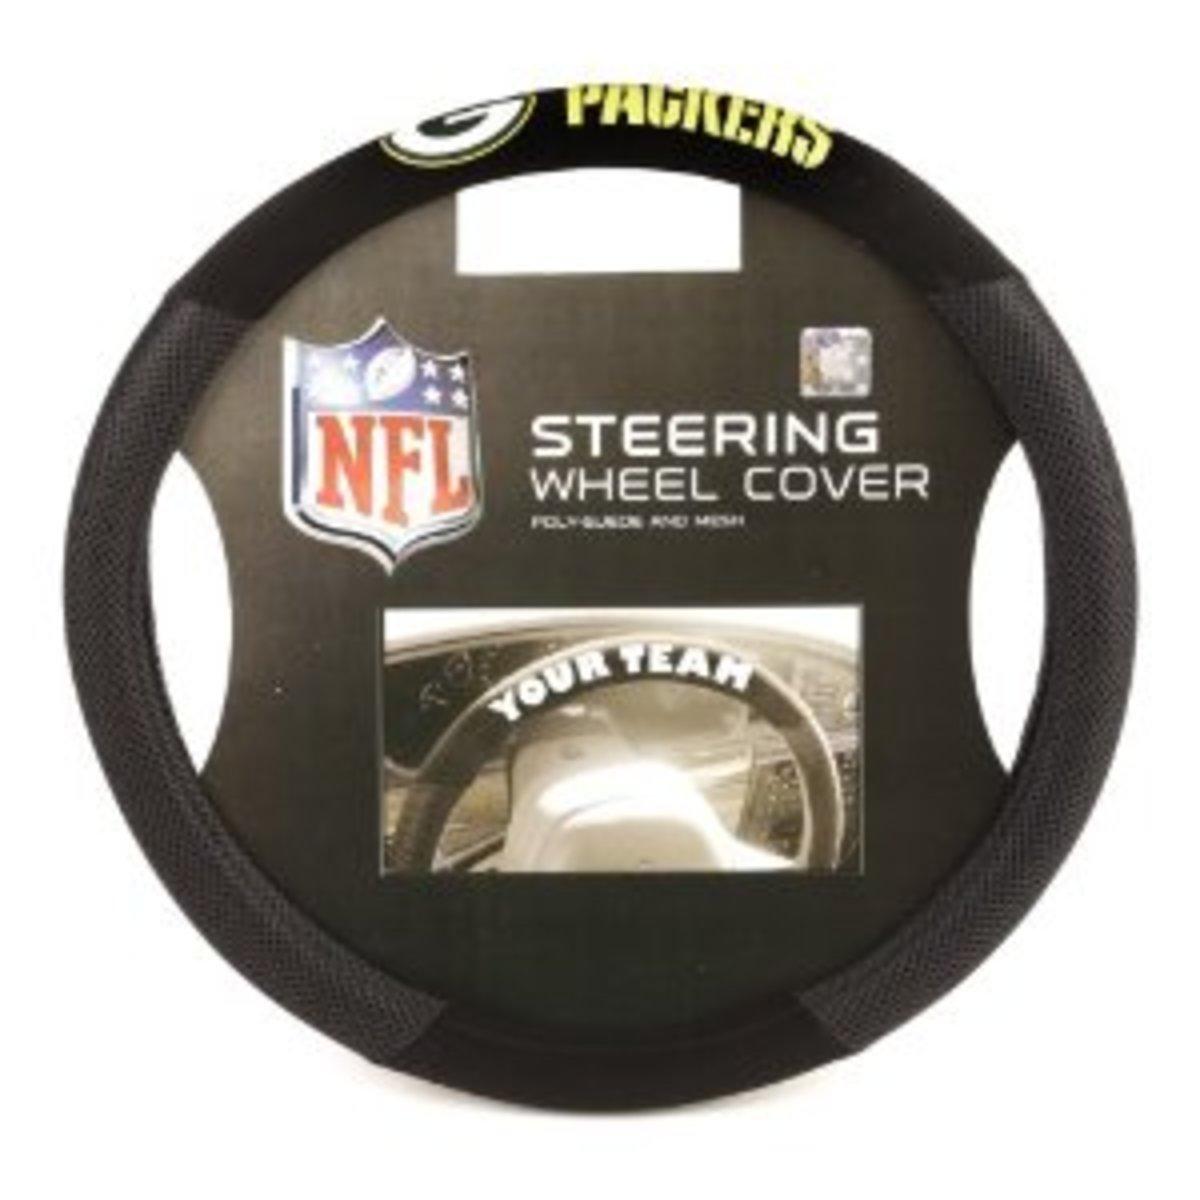 NFL Steering Wheel Cover